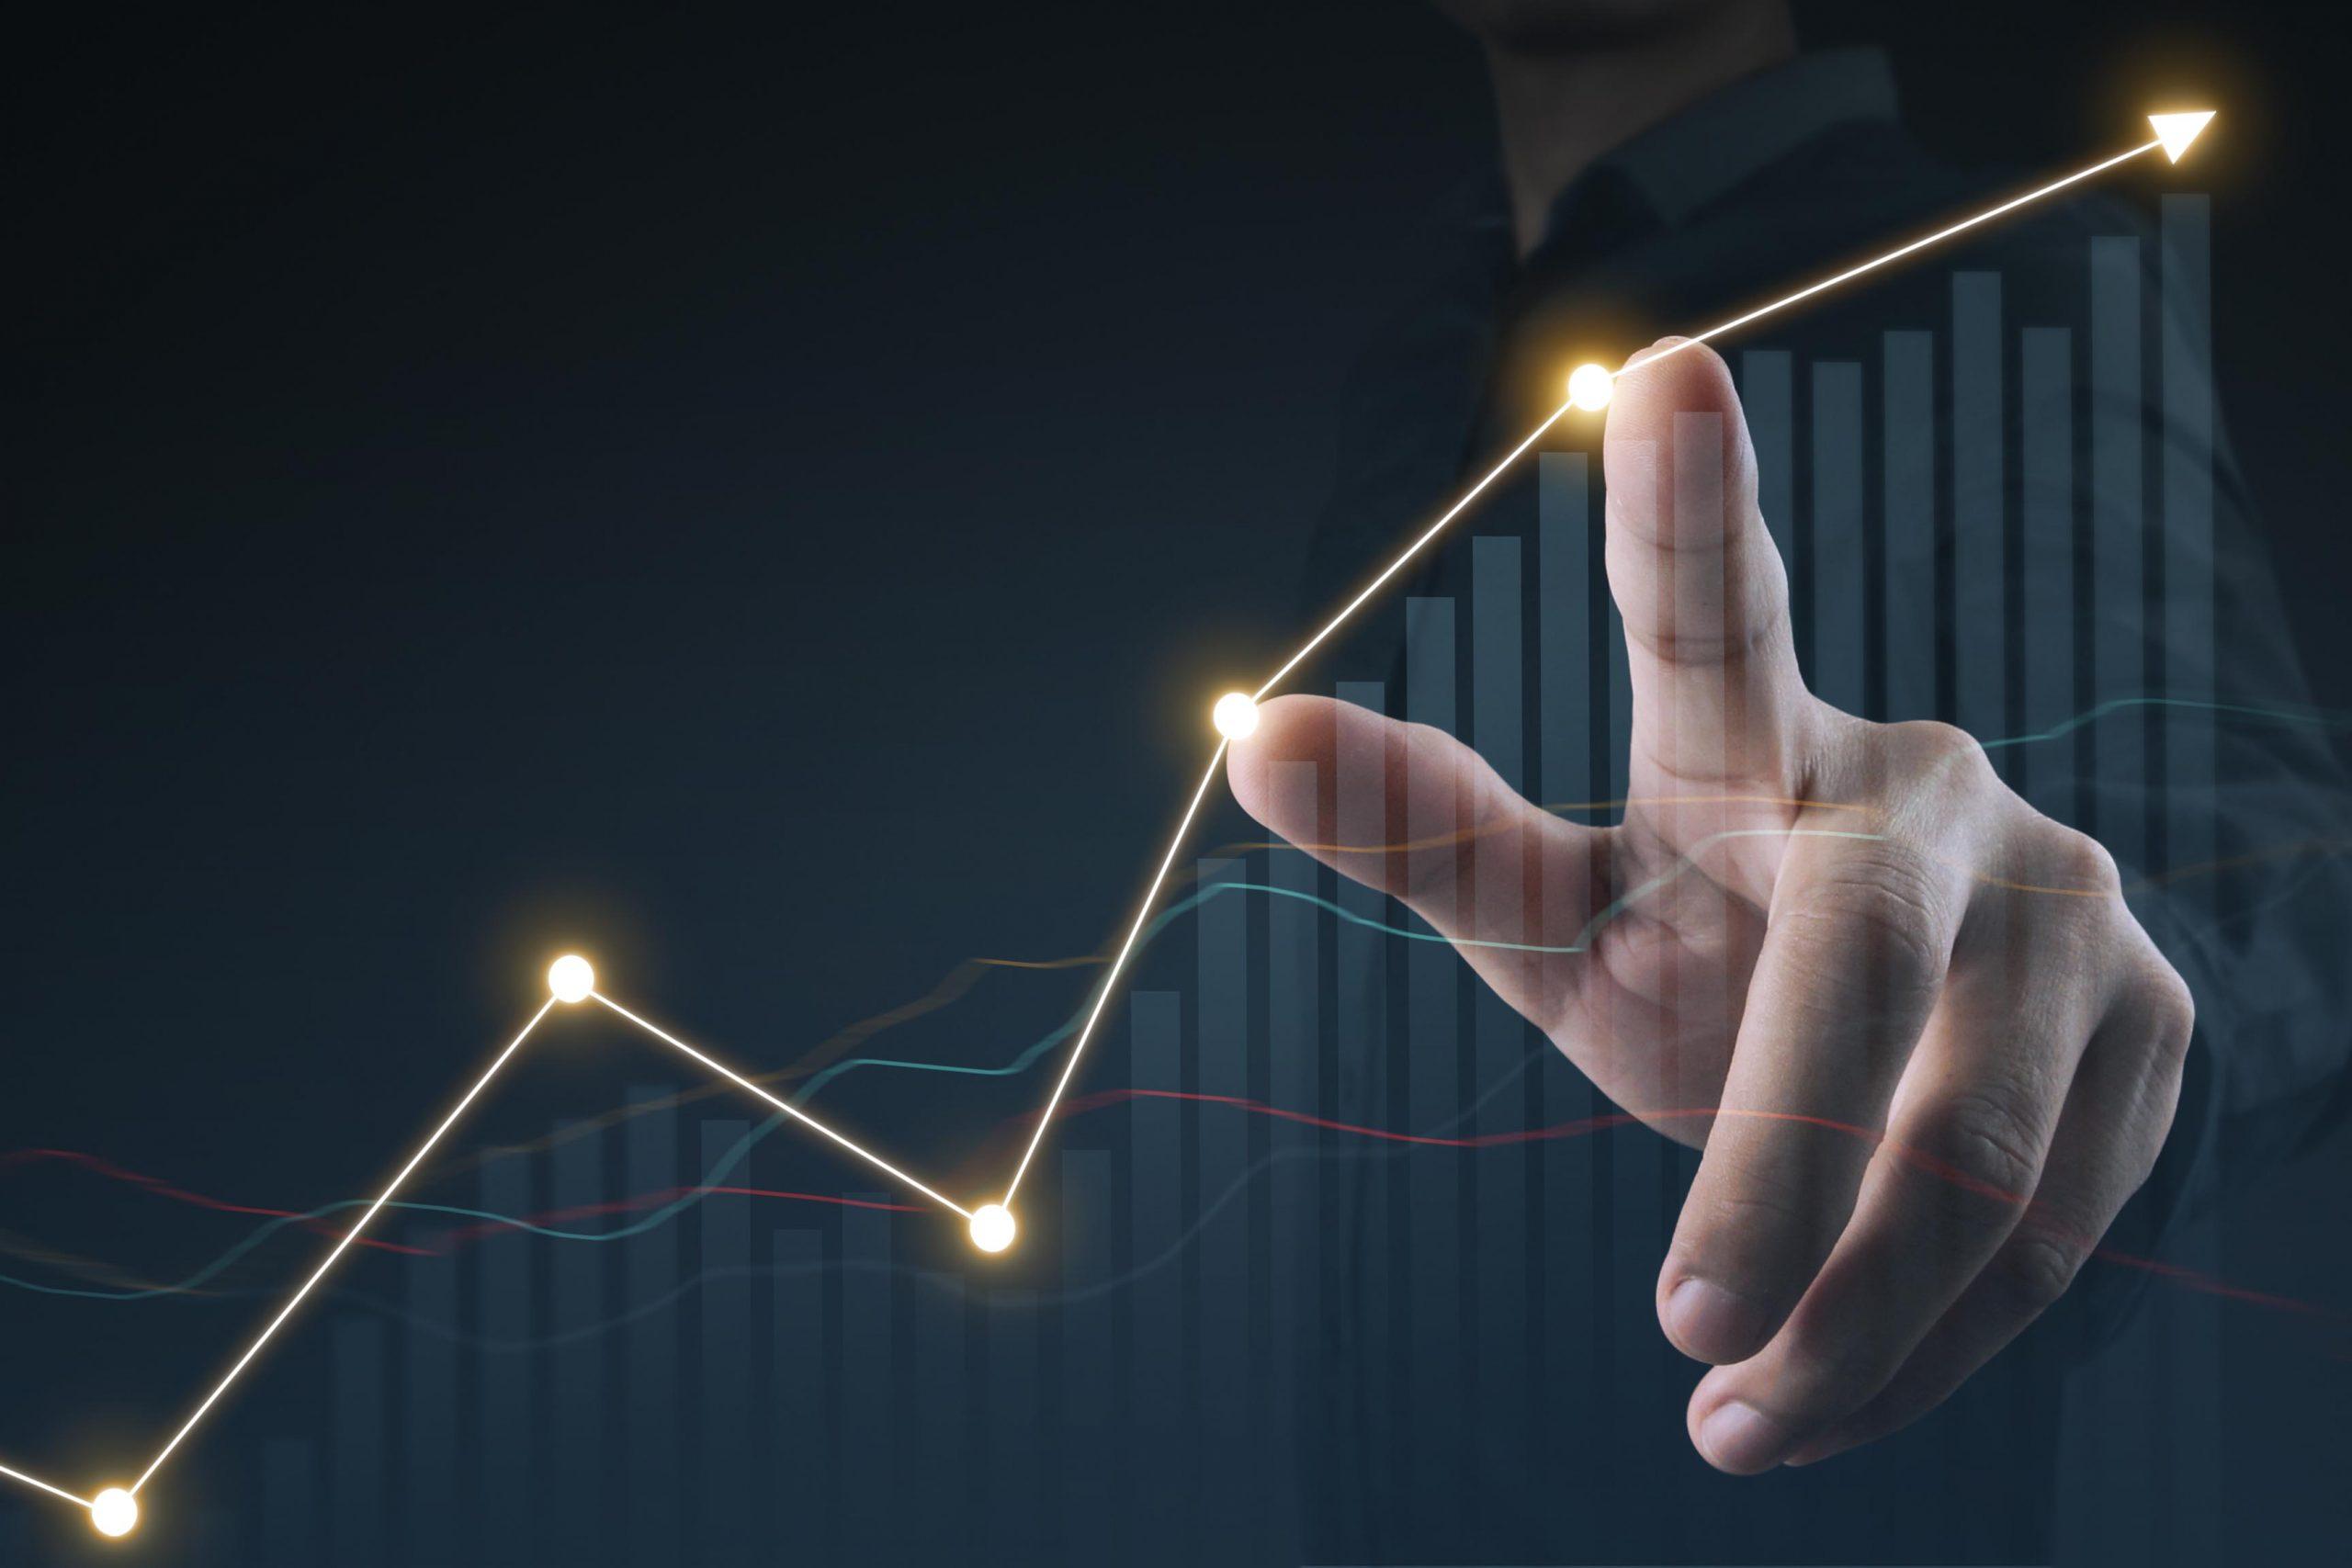 Produção industrial recua 1,3% em abril, diz IBGE